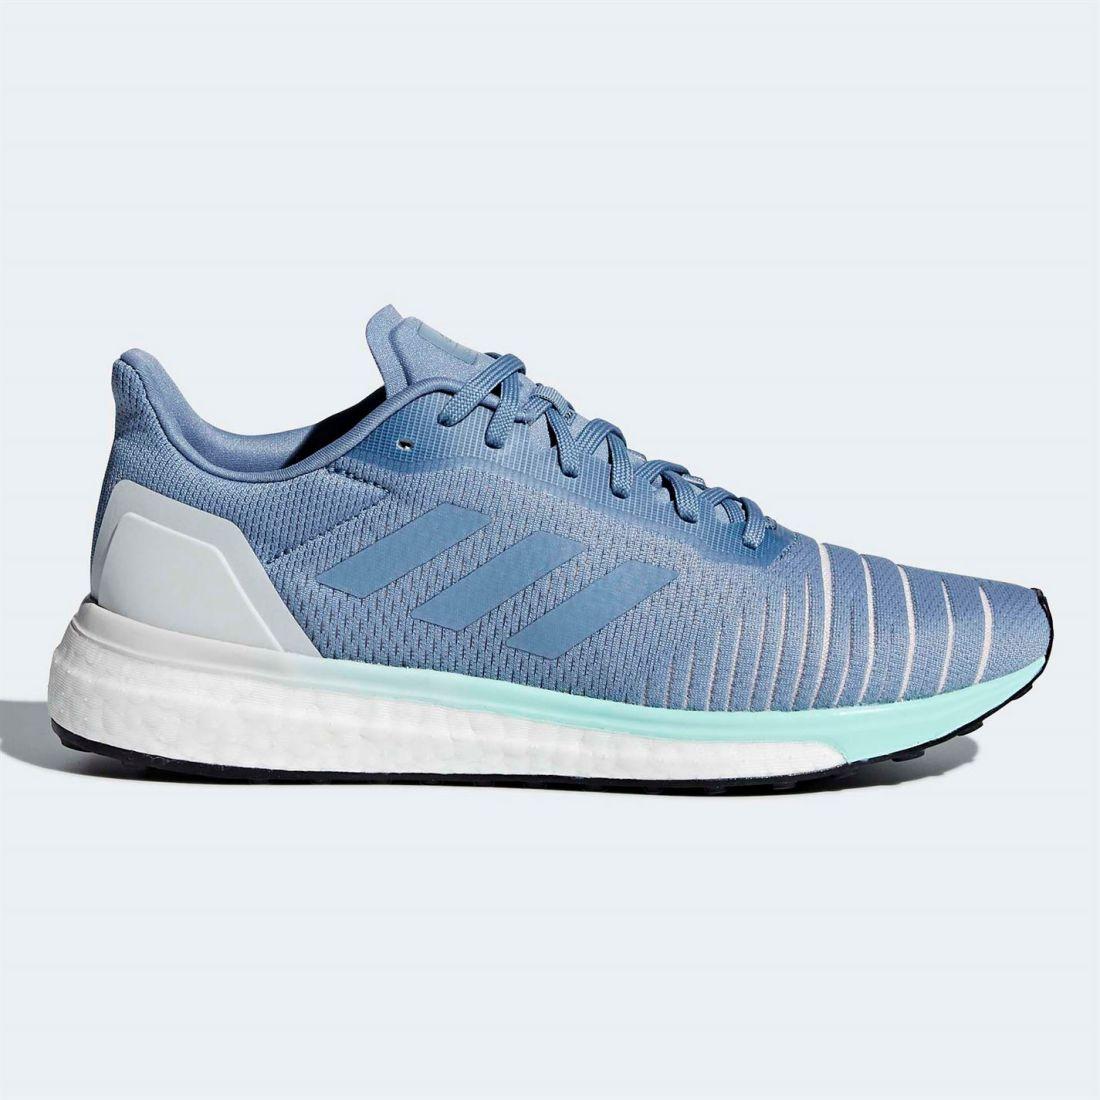 Adidas para para para mujer solardrive Zapatillas carretera parte superior de malla Stretch  Tu satisfacción es nuestro objetivo